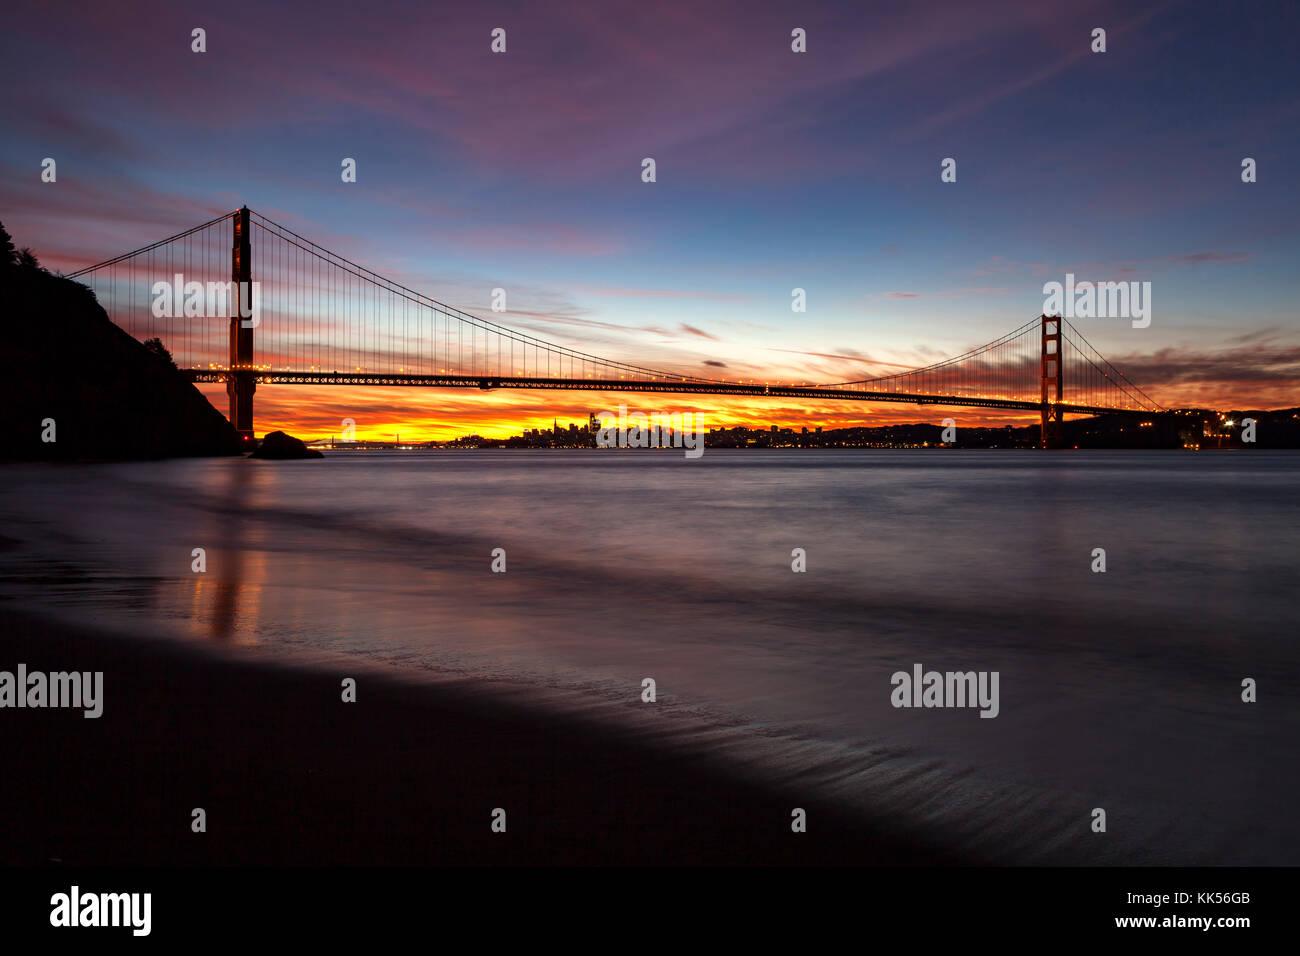 Golden Gate Bridge et San Francisco à l'aube vue du Marin Headlands. Photo Stock